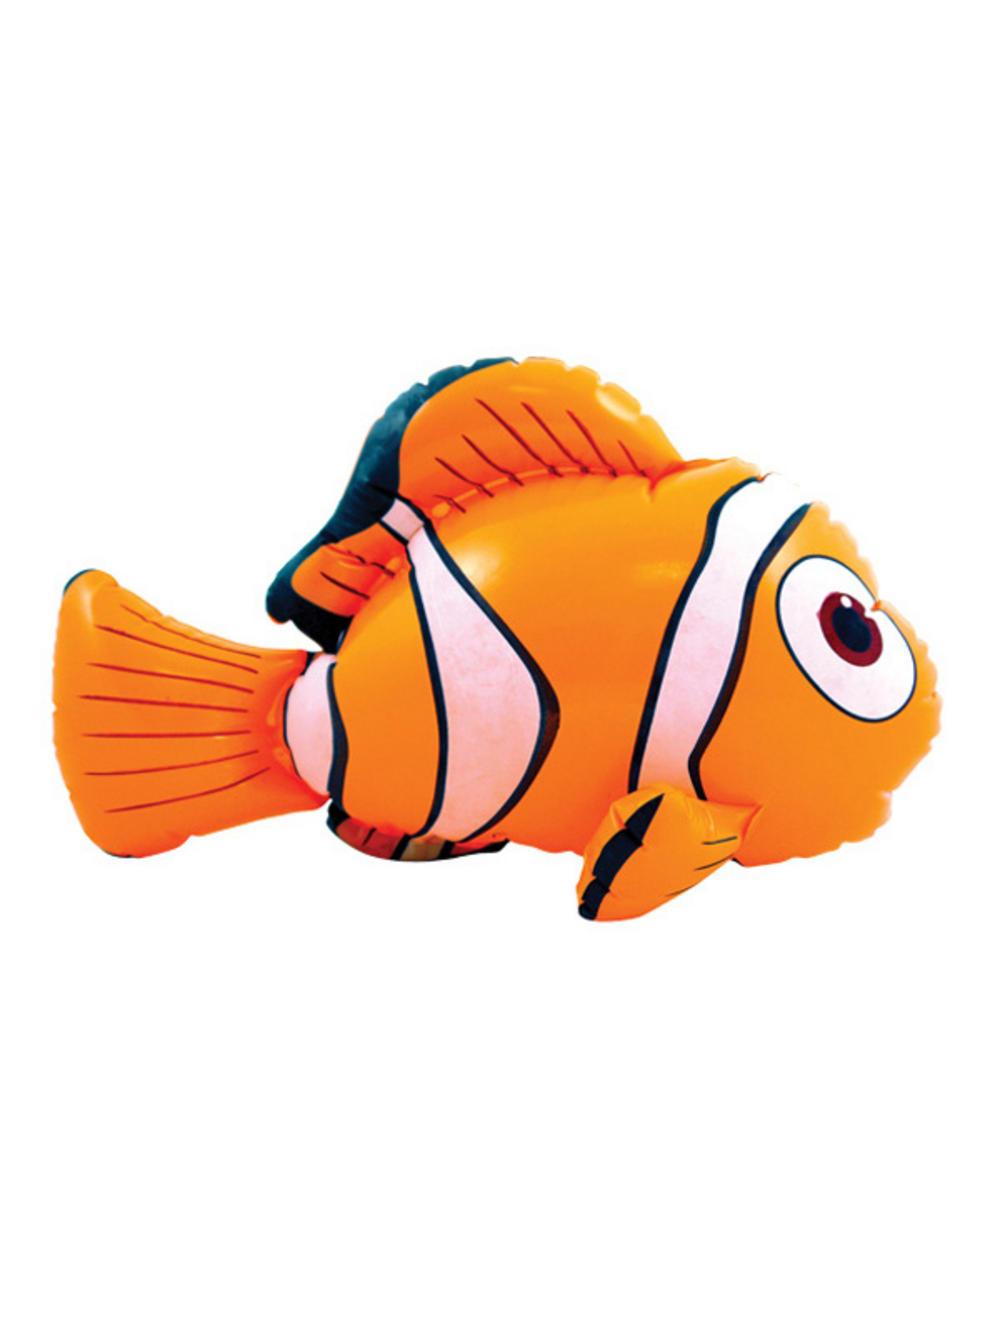 Clownfish - скачать на русском для скайпа (клоунфиш) для изменения 29